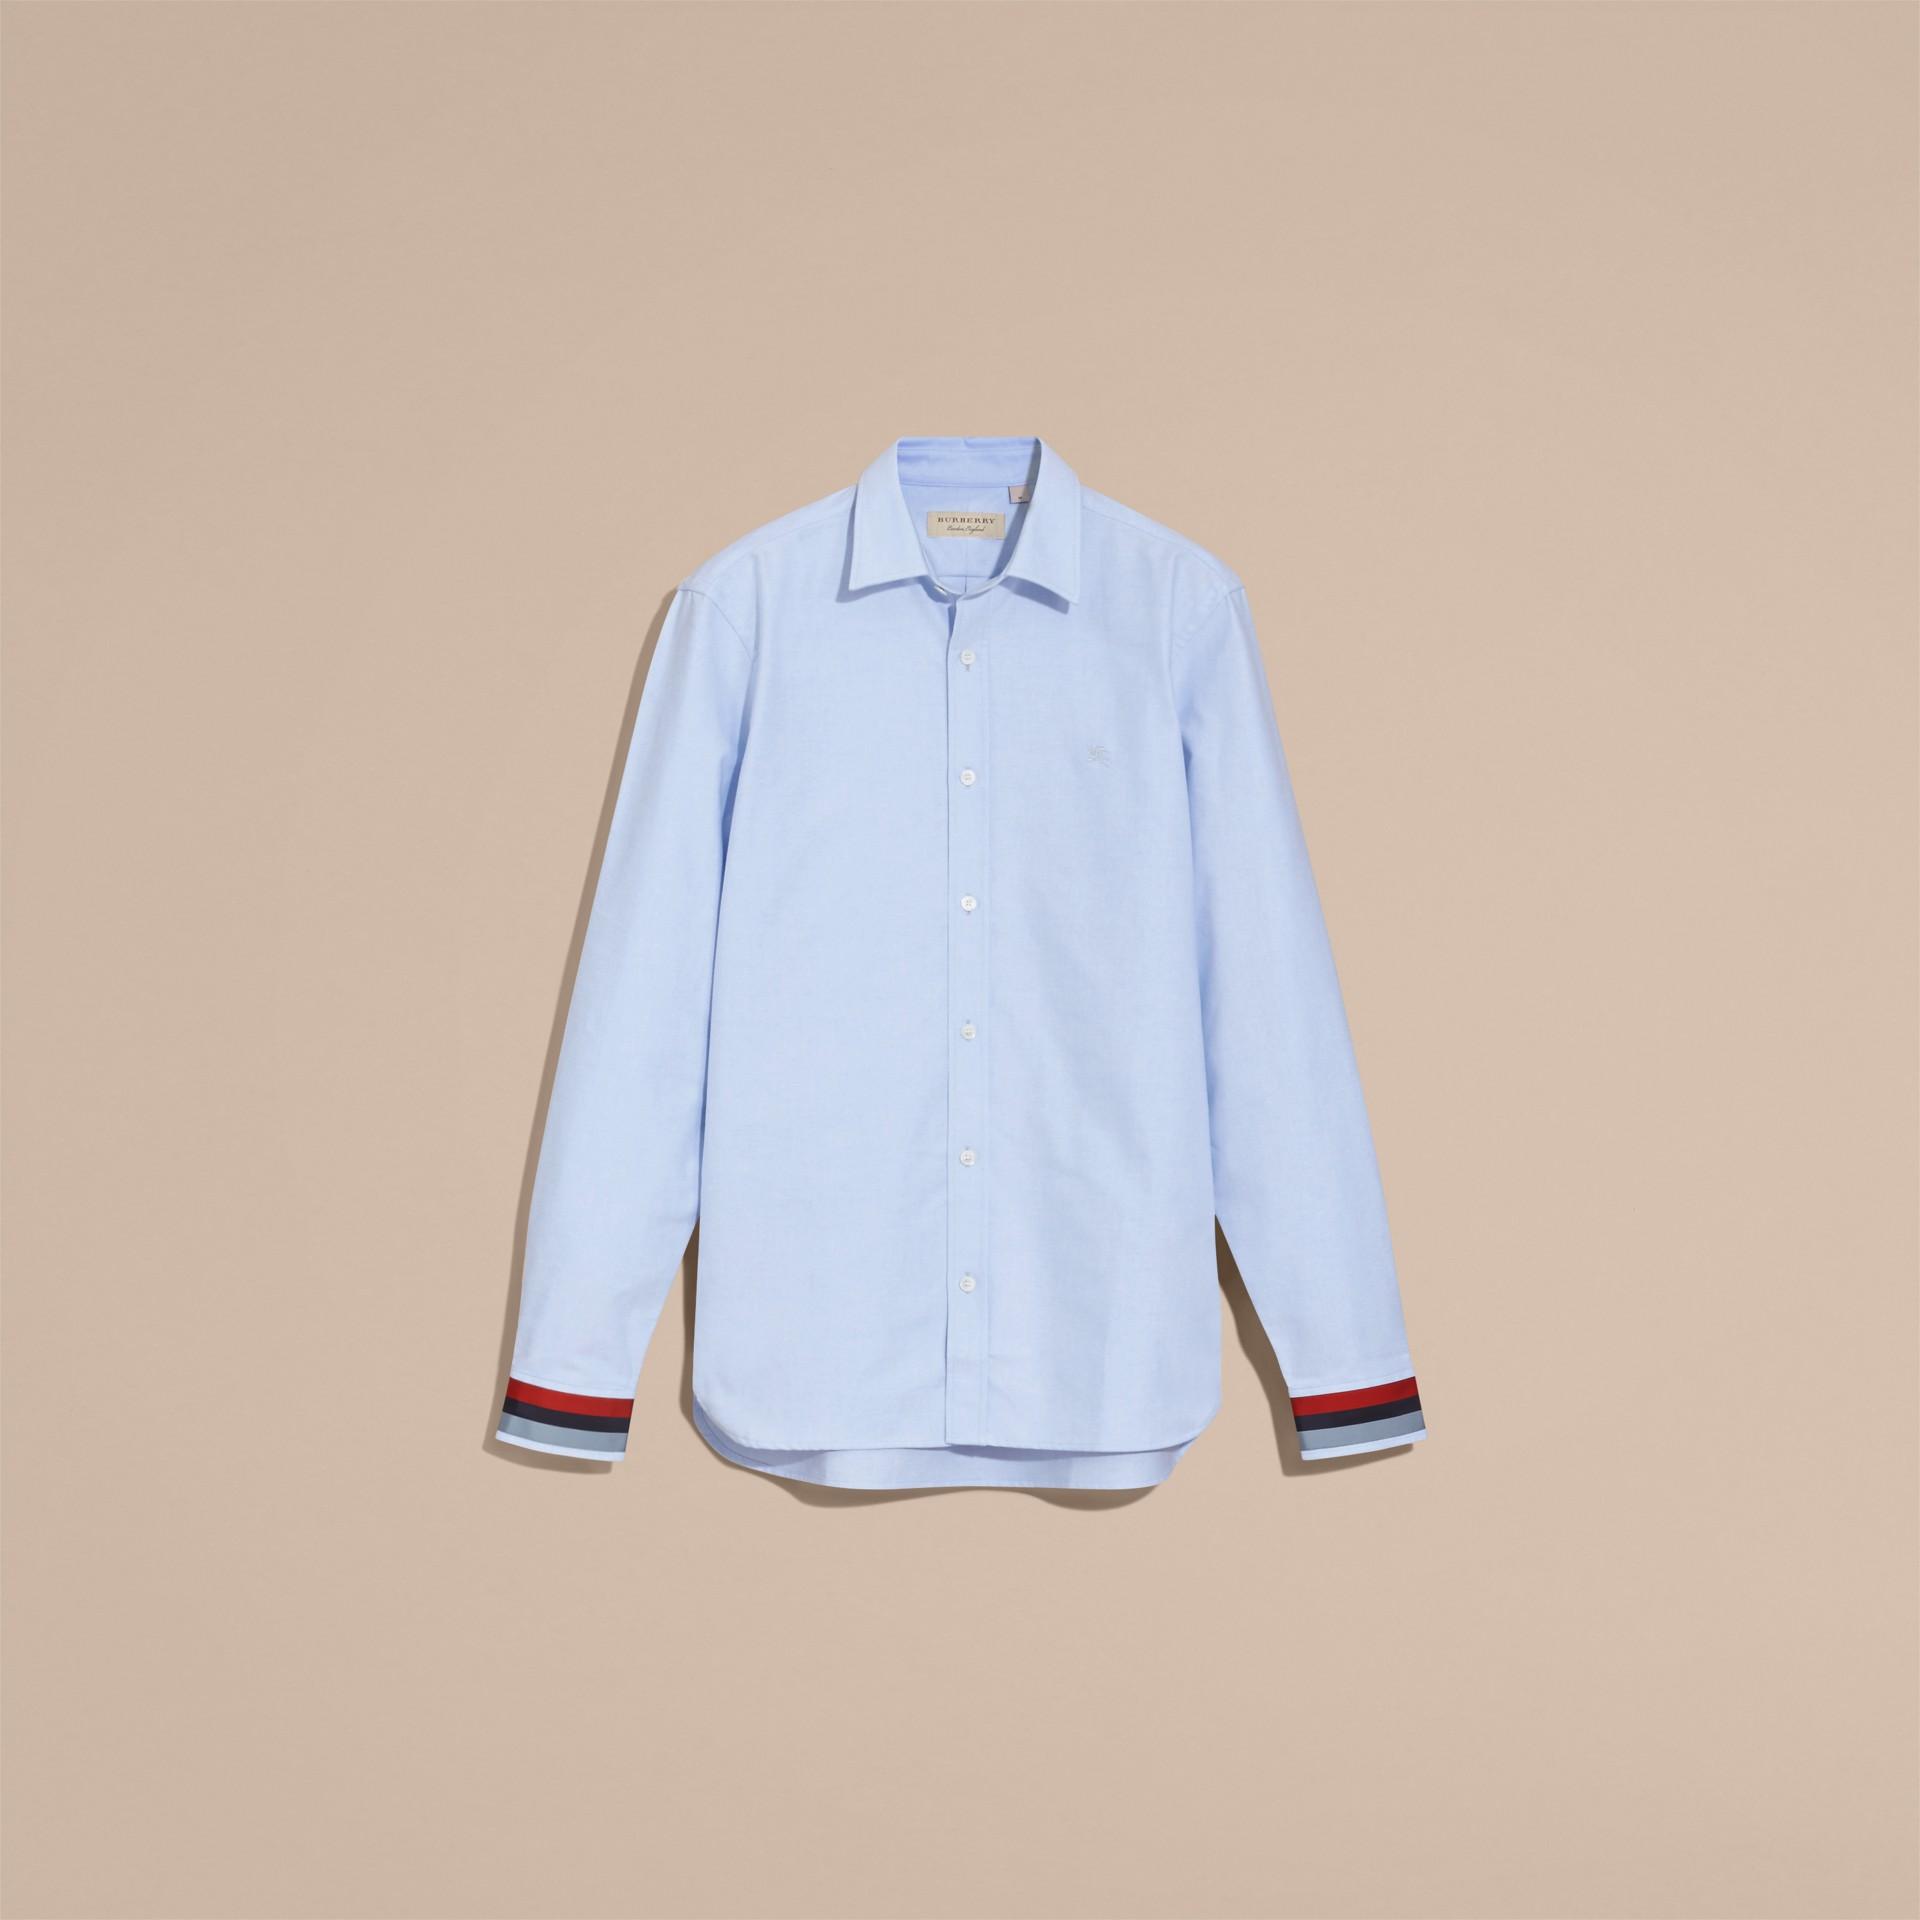 Oxford Cotton Shirt with Regimental Cuff Detail Cornflower Blue - gallery image 4